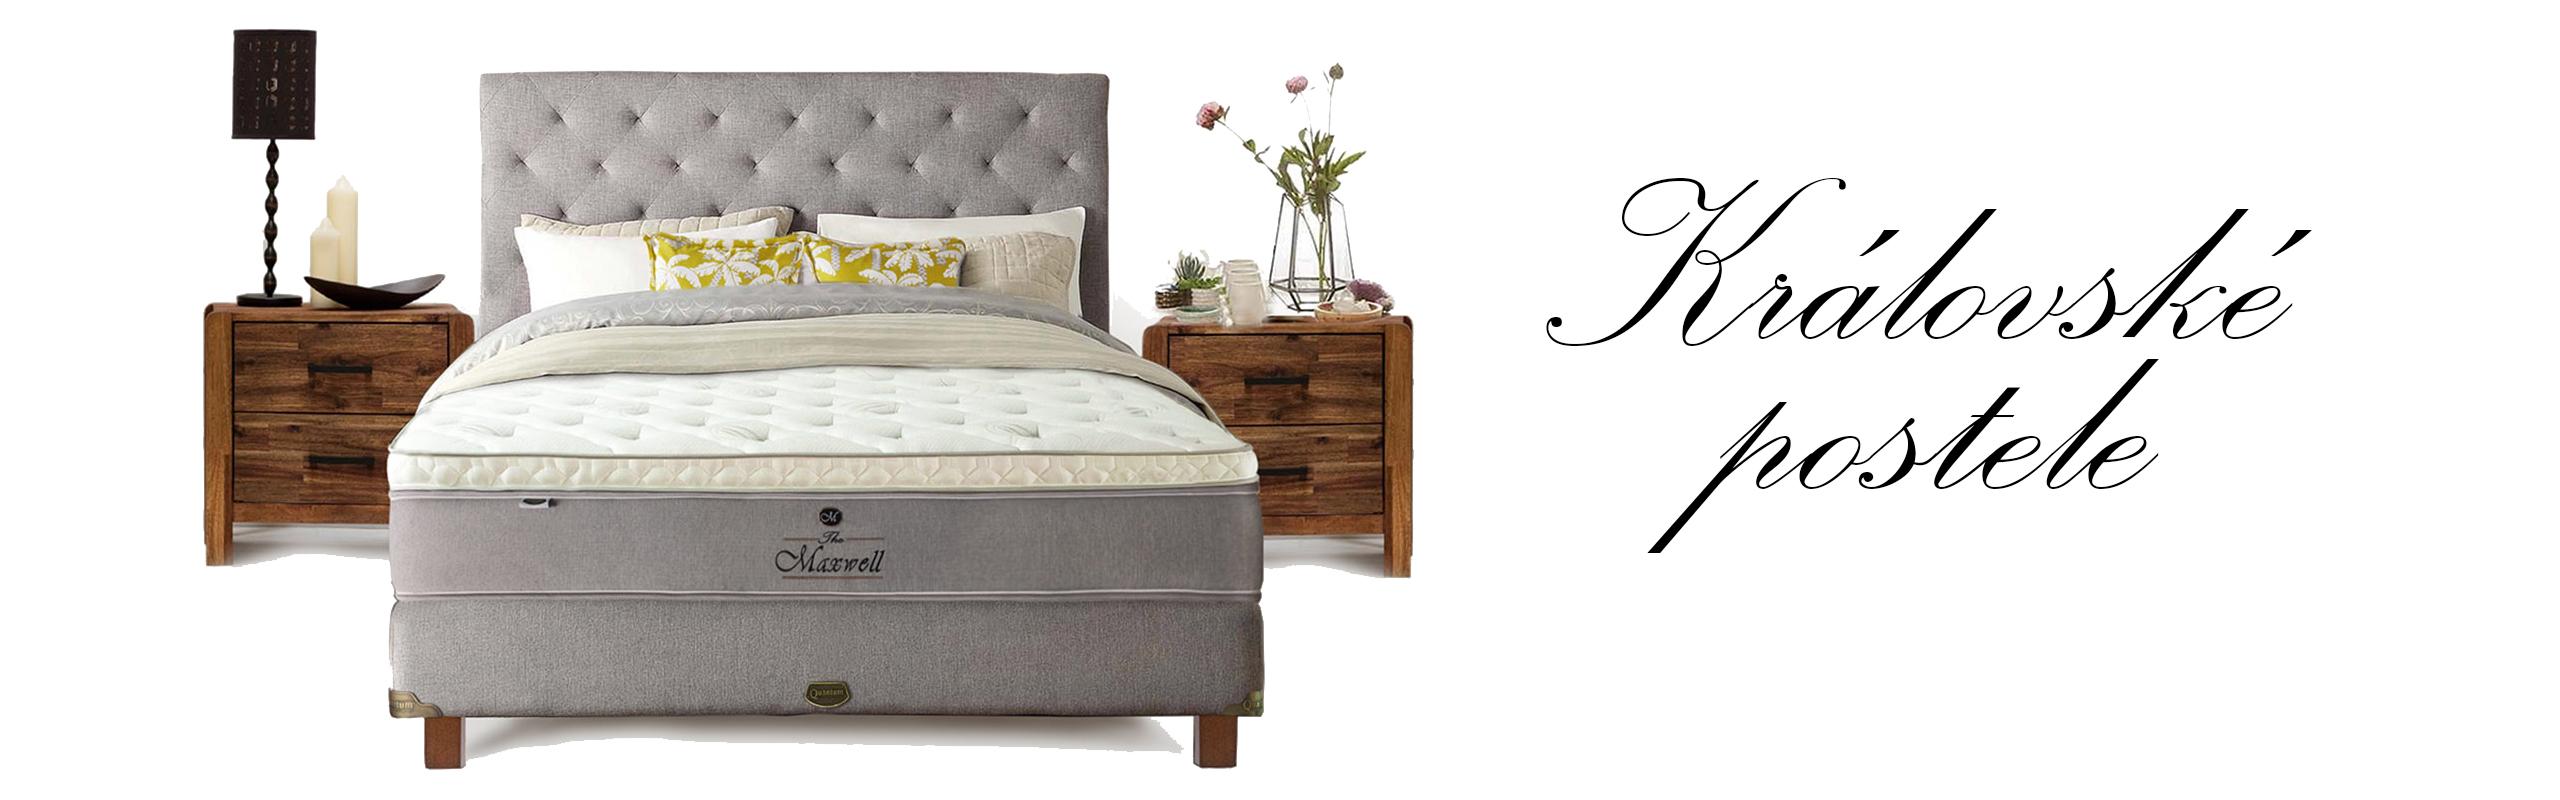 Královské postele v Ráji spánnku